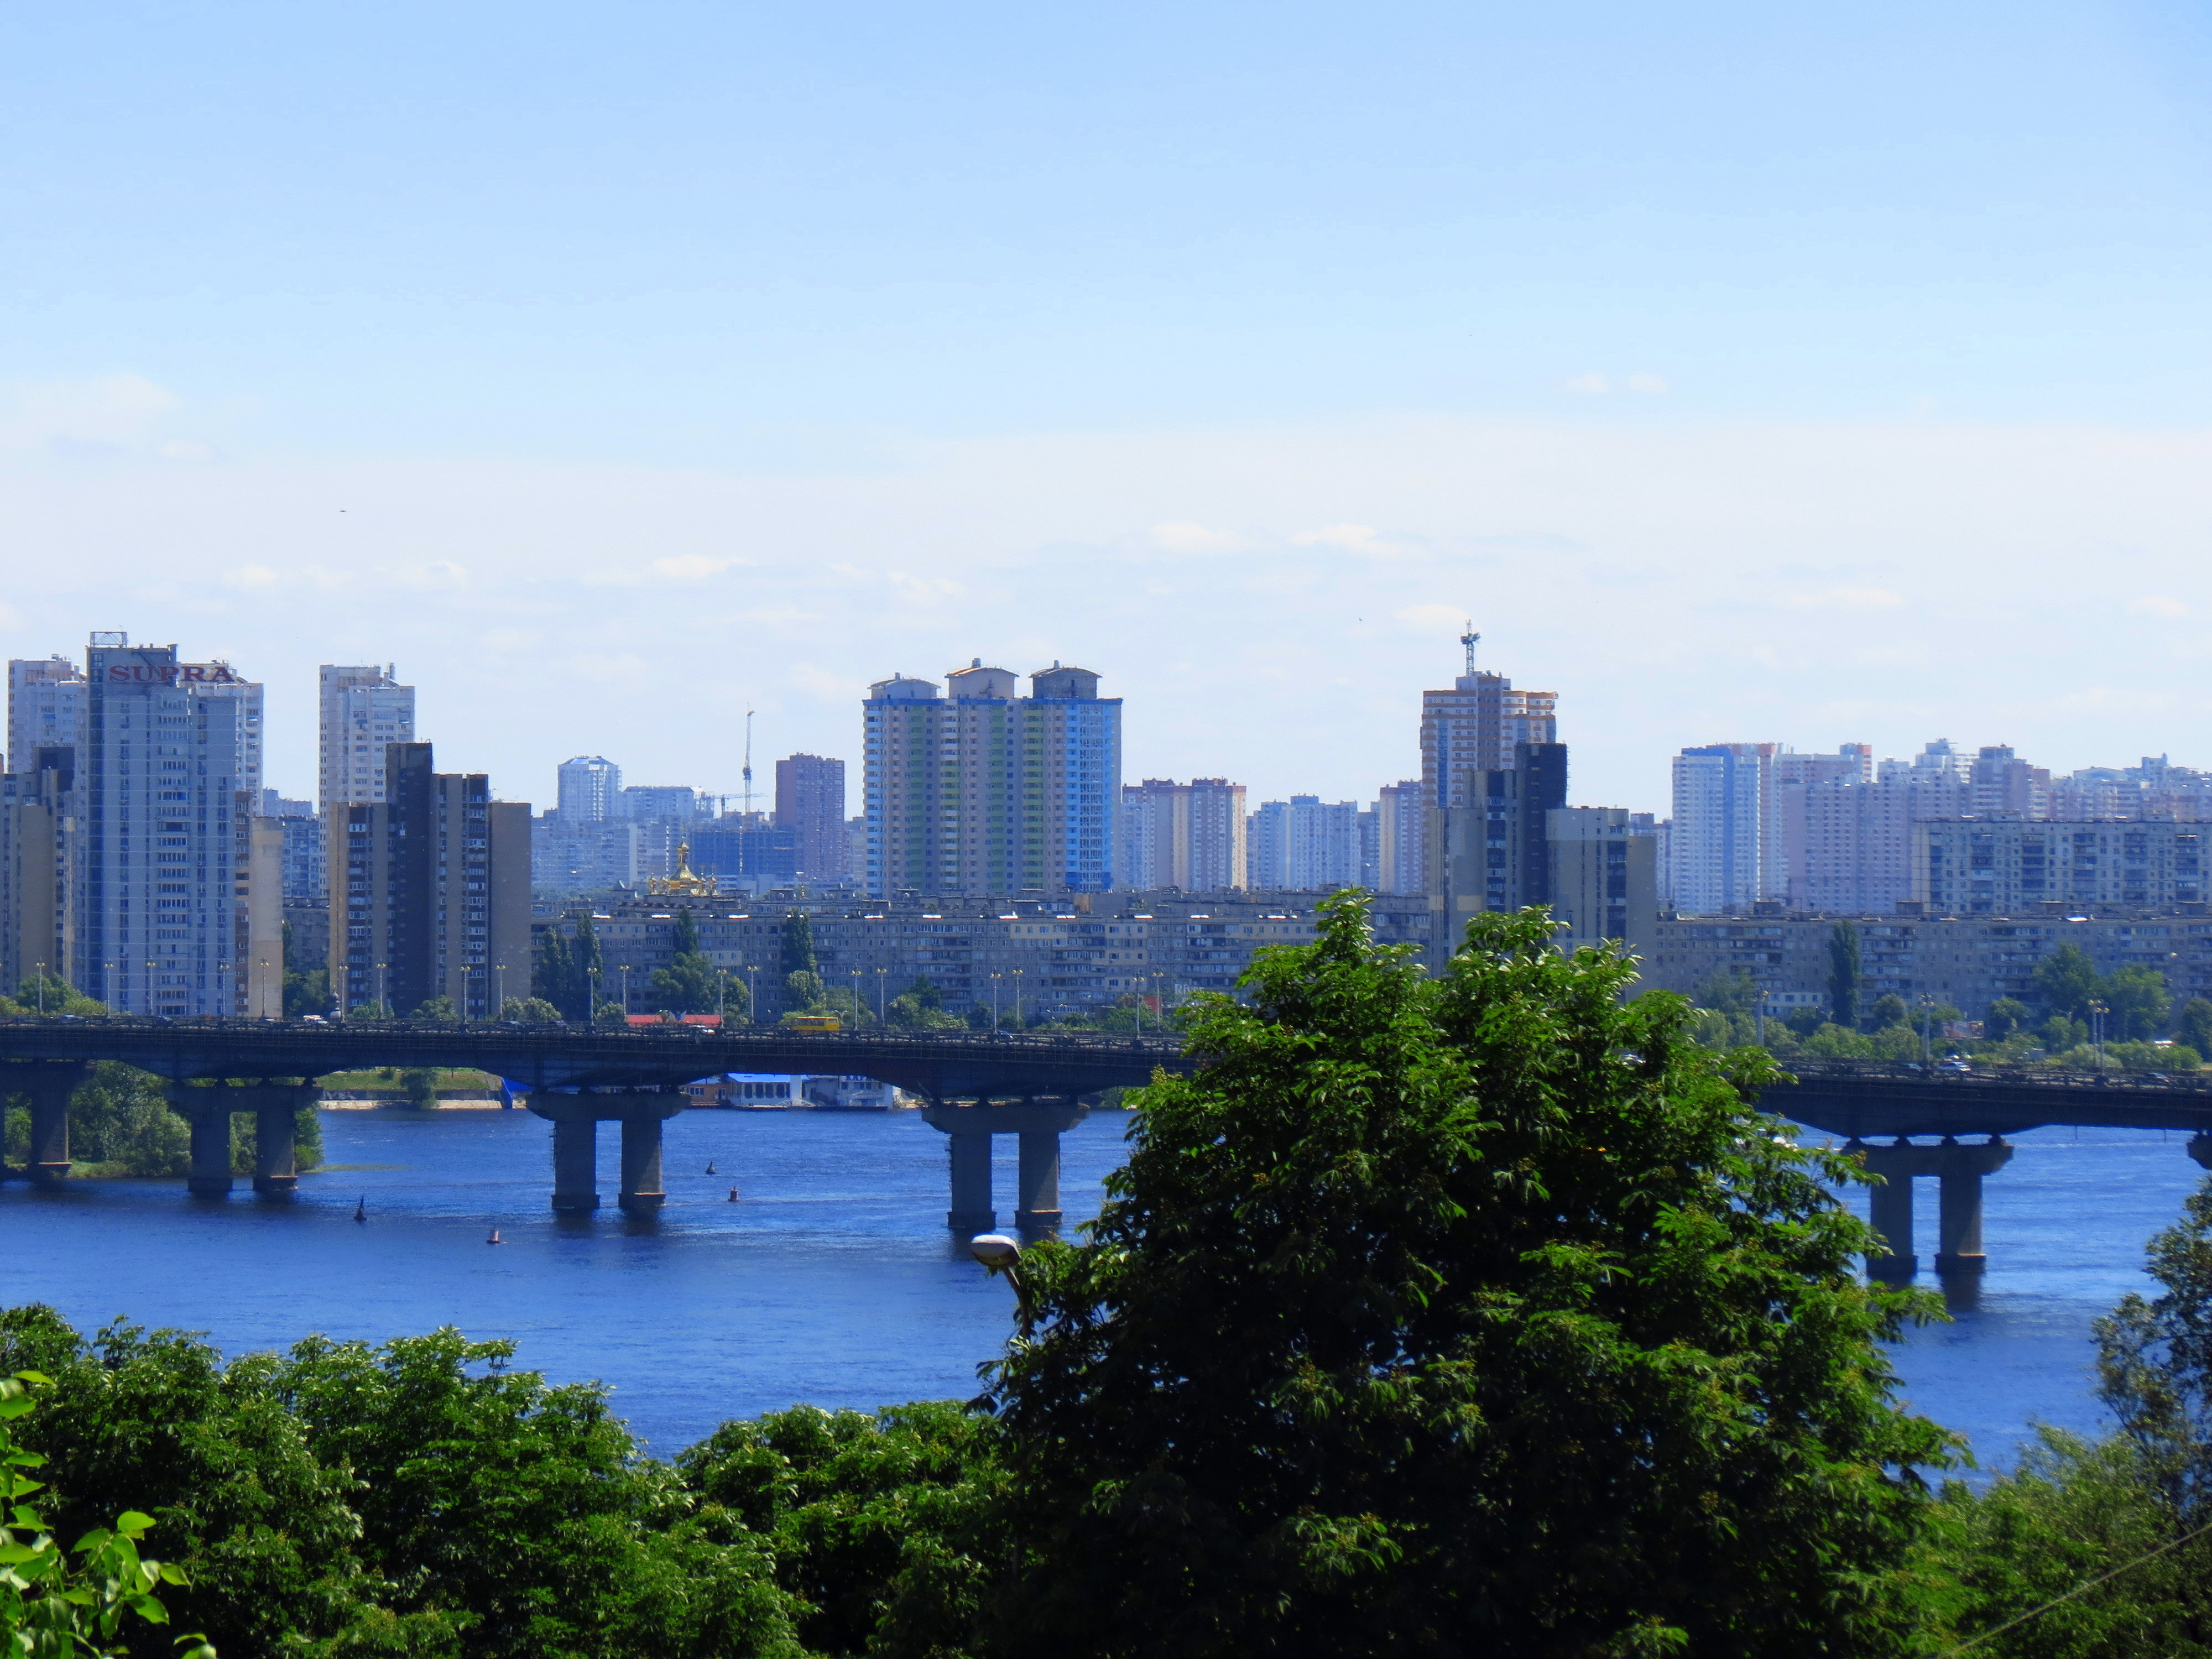 18261 скачать обои Пейзаж, Города, Река, Мосты - заставки и картинки бесплатно